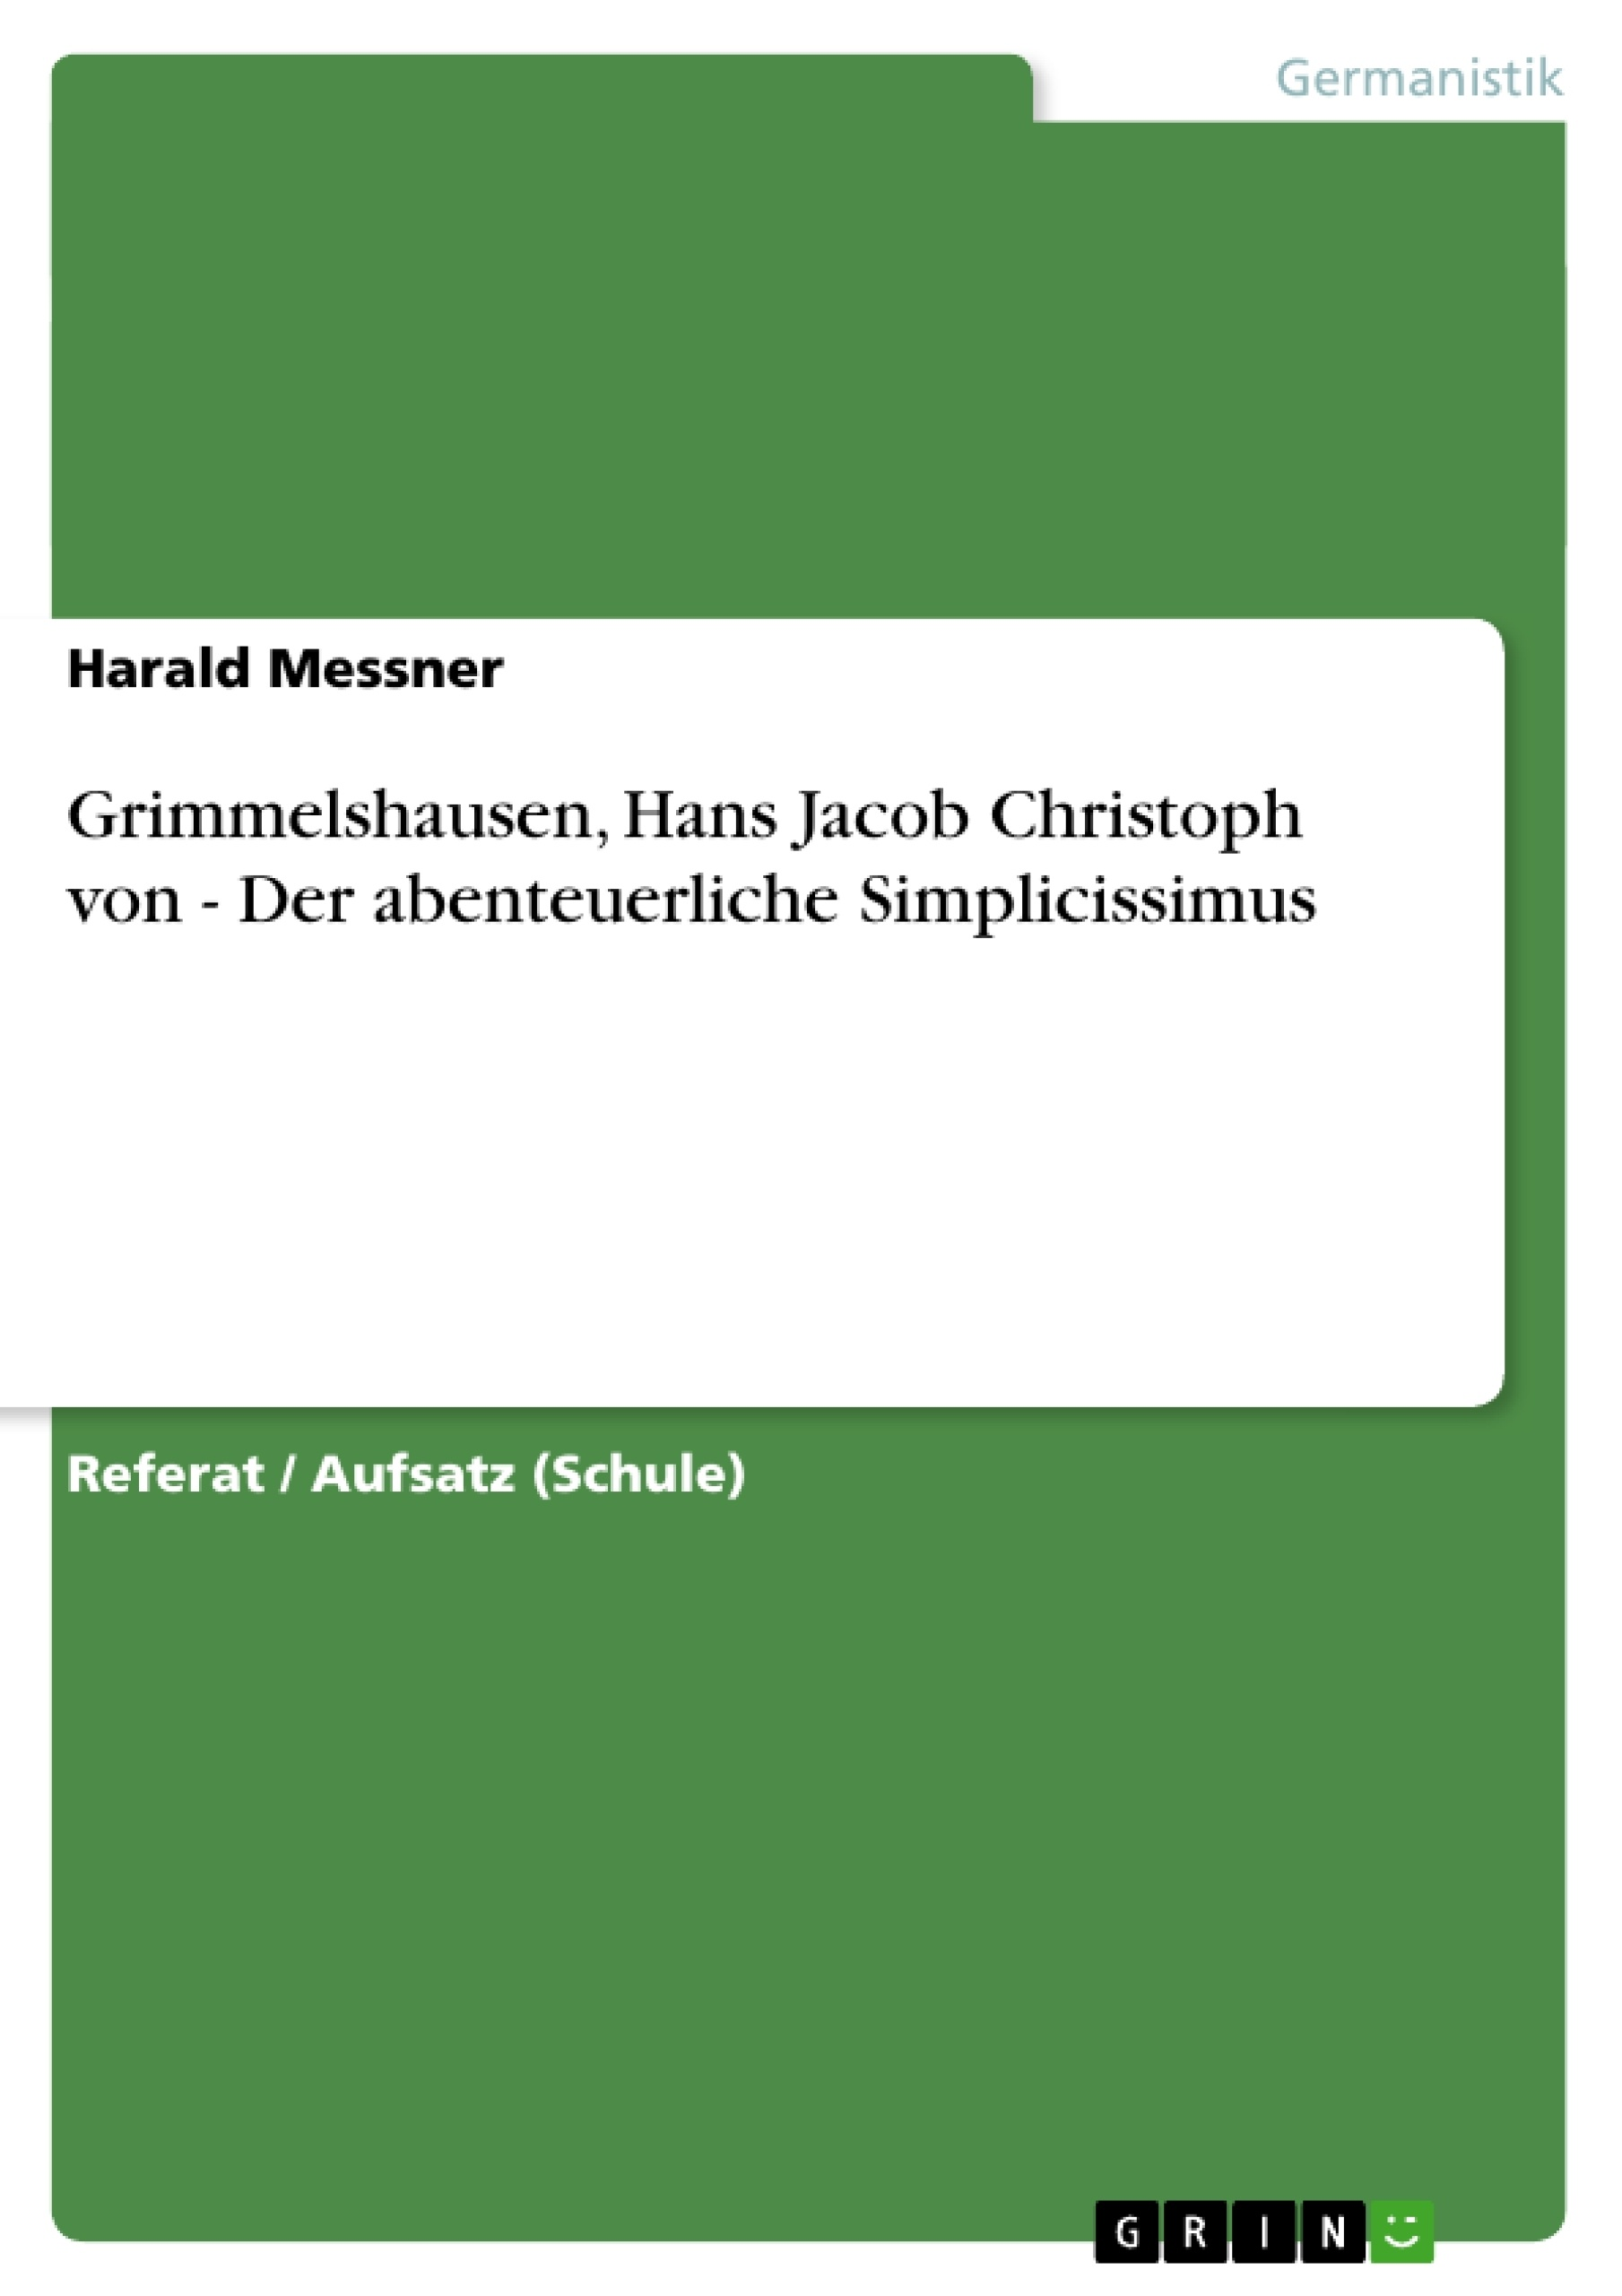 Titel: Grimmelshausen, Hans Jacob Christoph von - Der abenteuerliche Simplicissimus